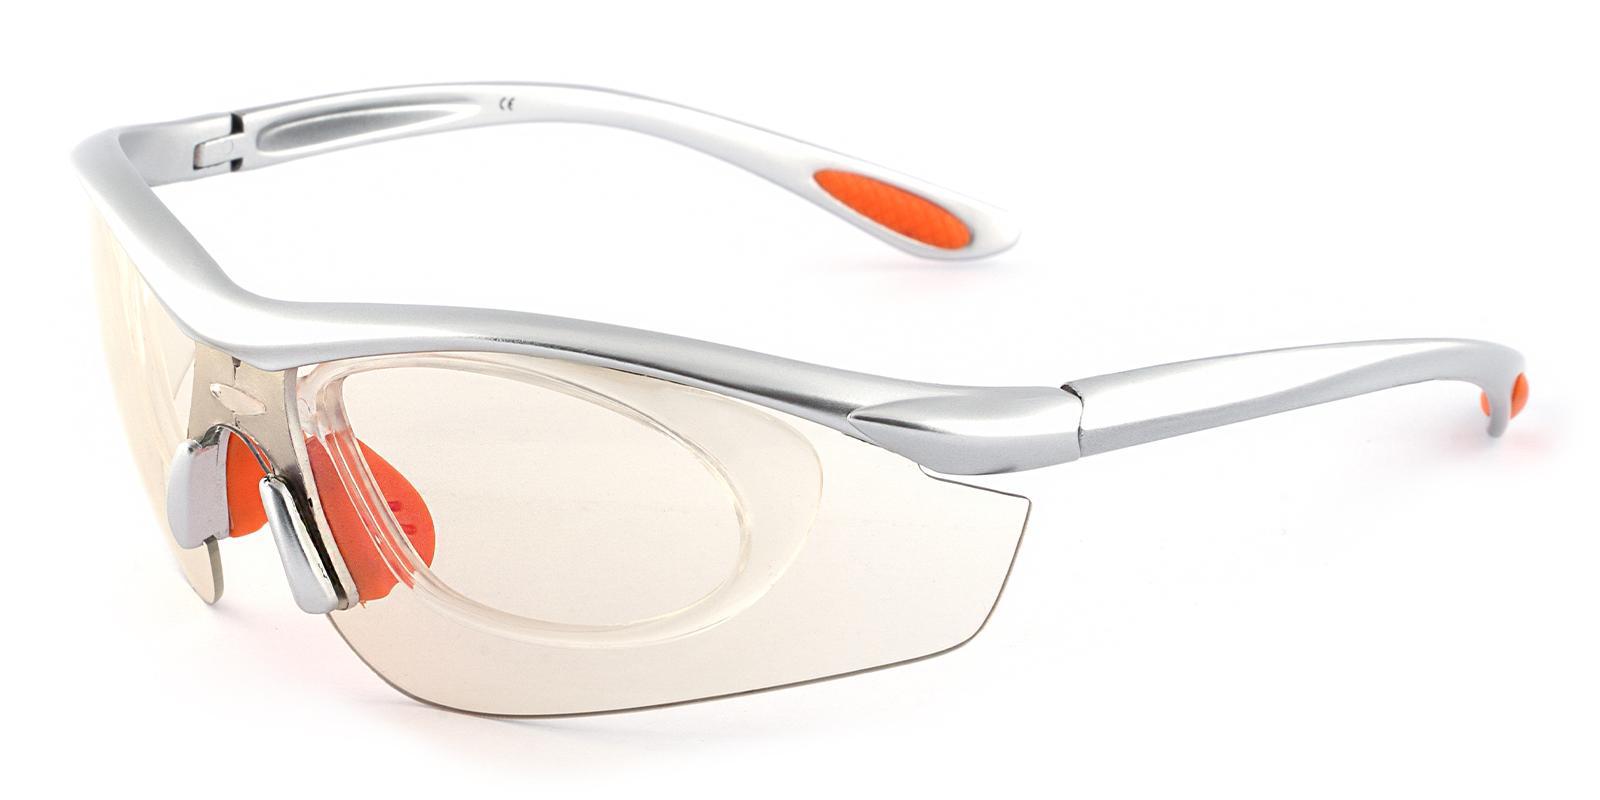 Gustavus Silver Plastic NosePads , SportsGlasses Frames from ABBE Glasses